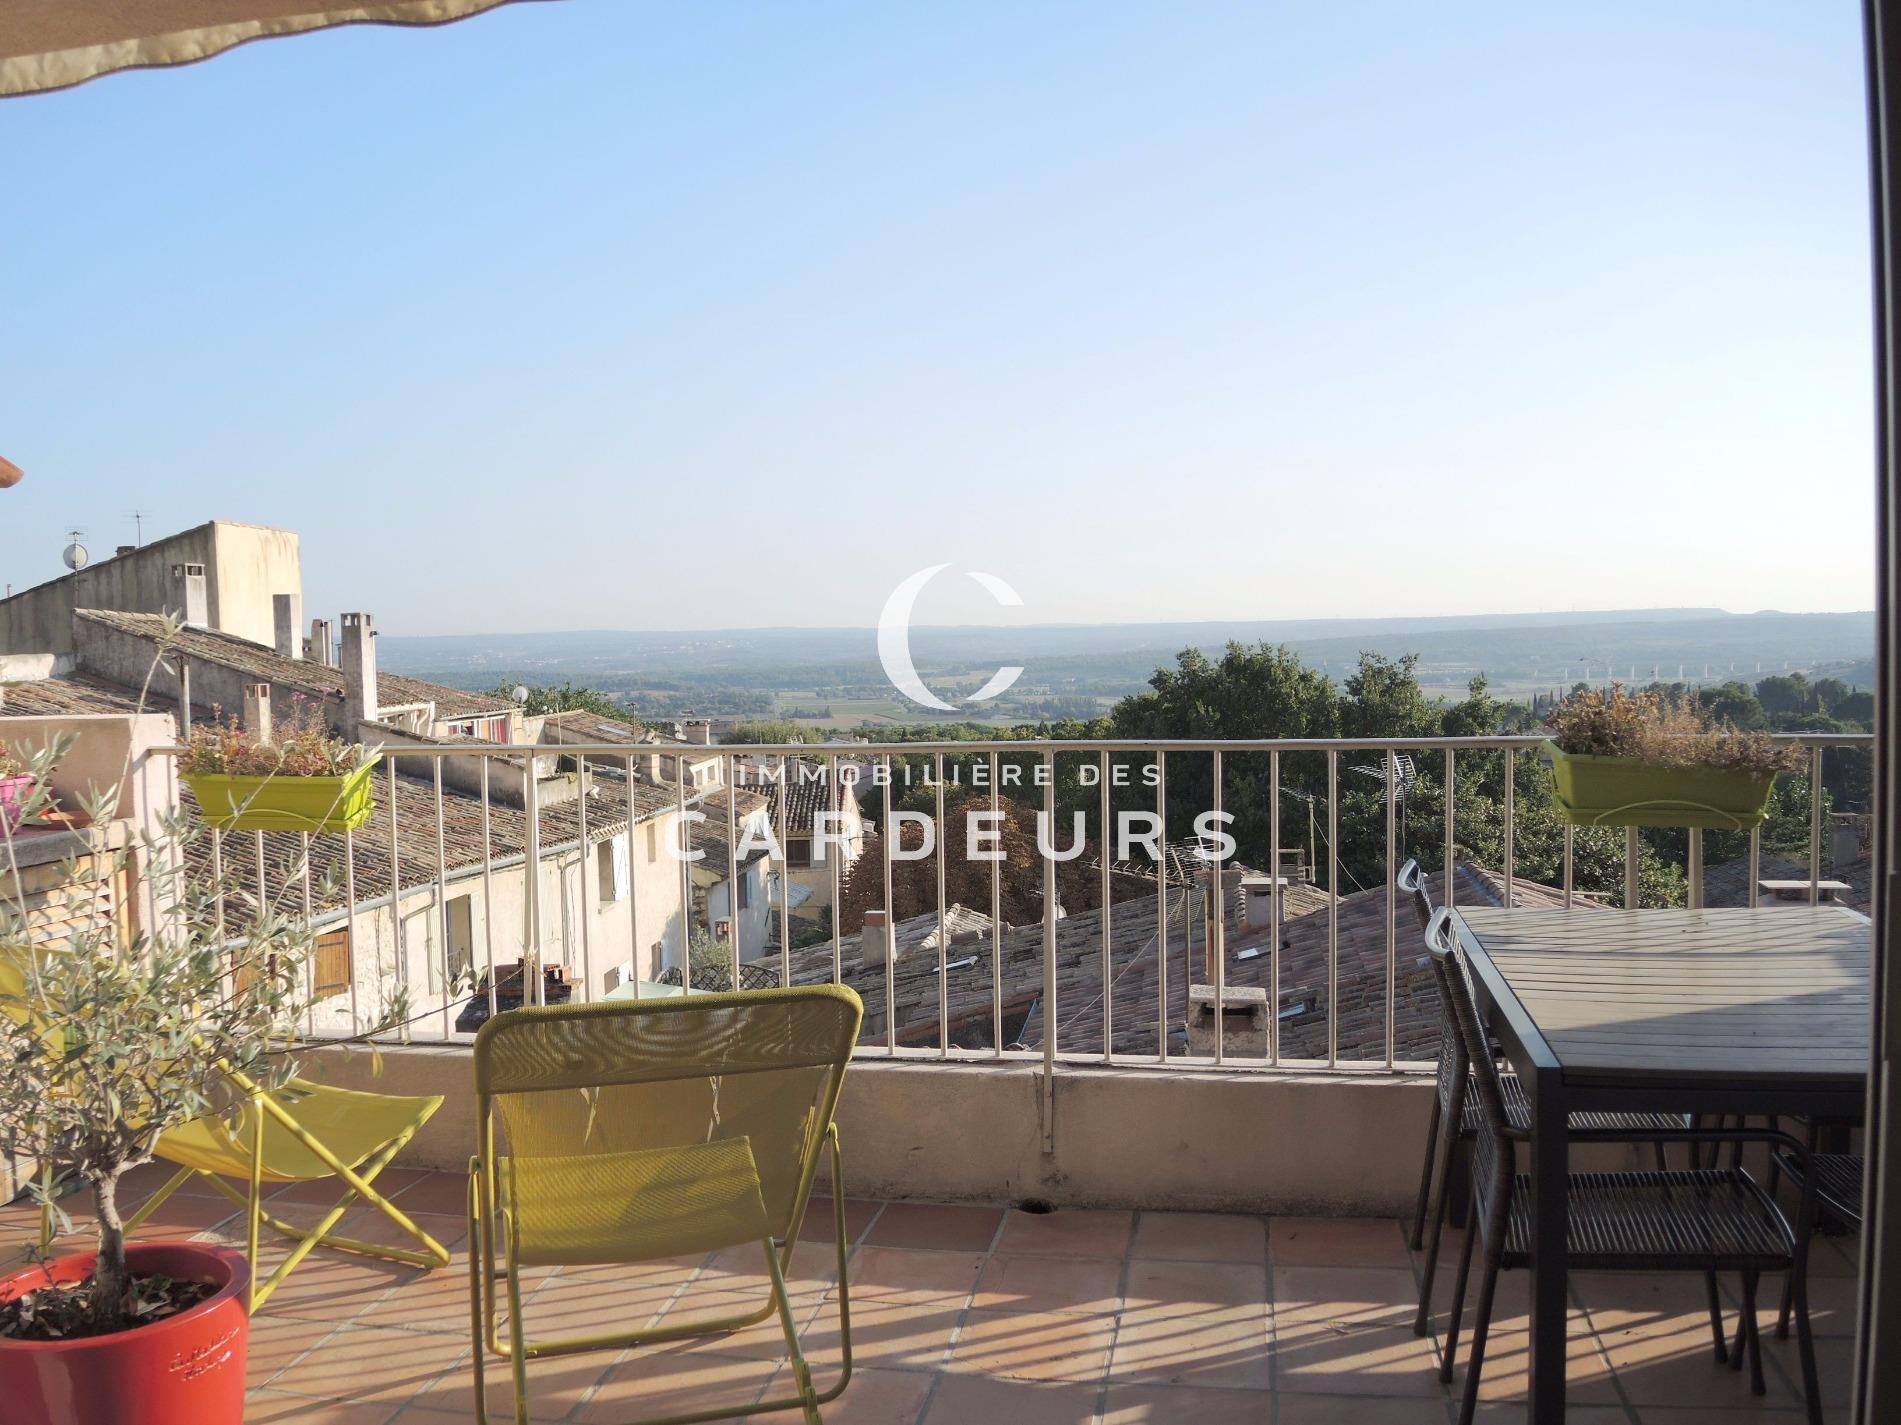 Vente maison r nover aix en provence centre ville pied for Maison de l emploi aix en provence